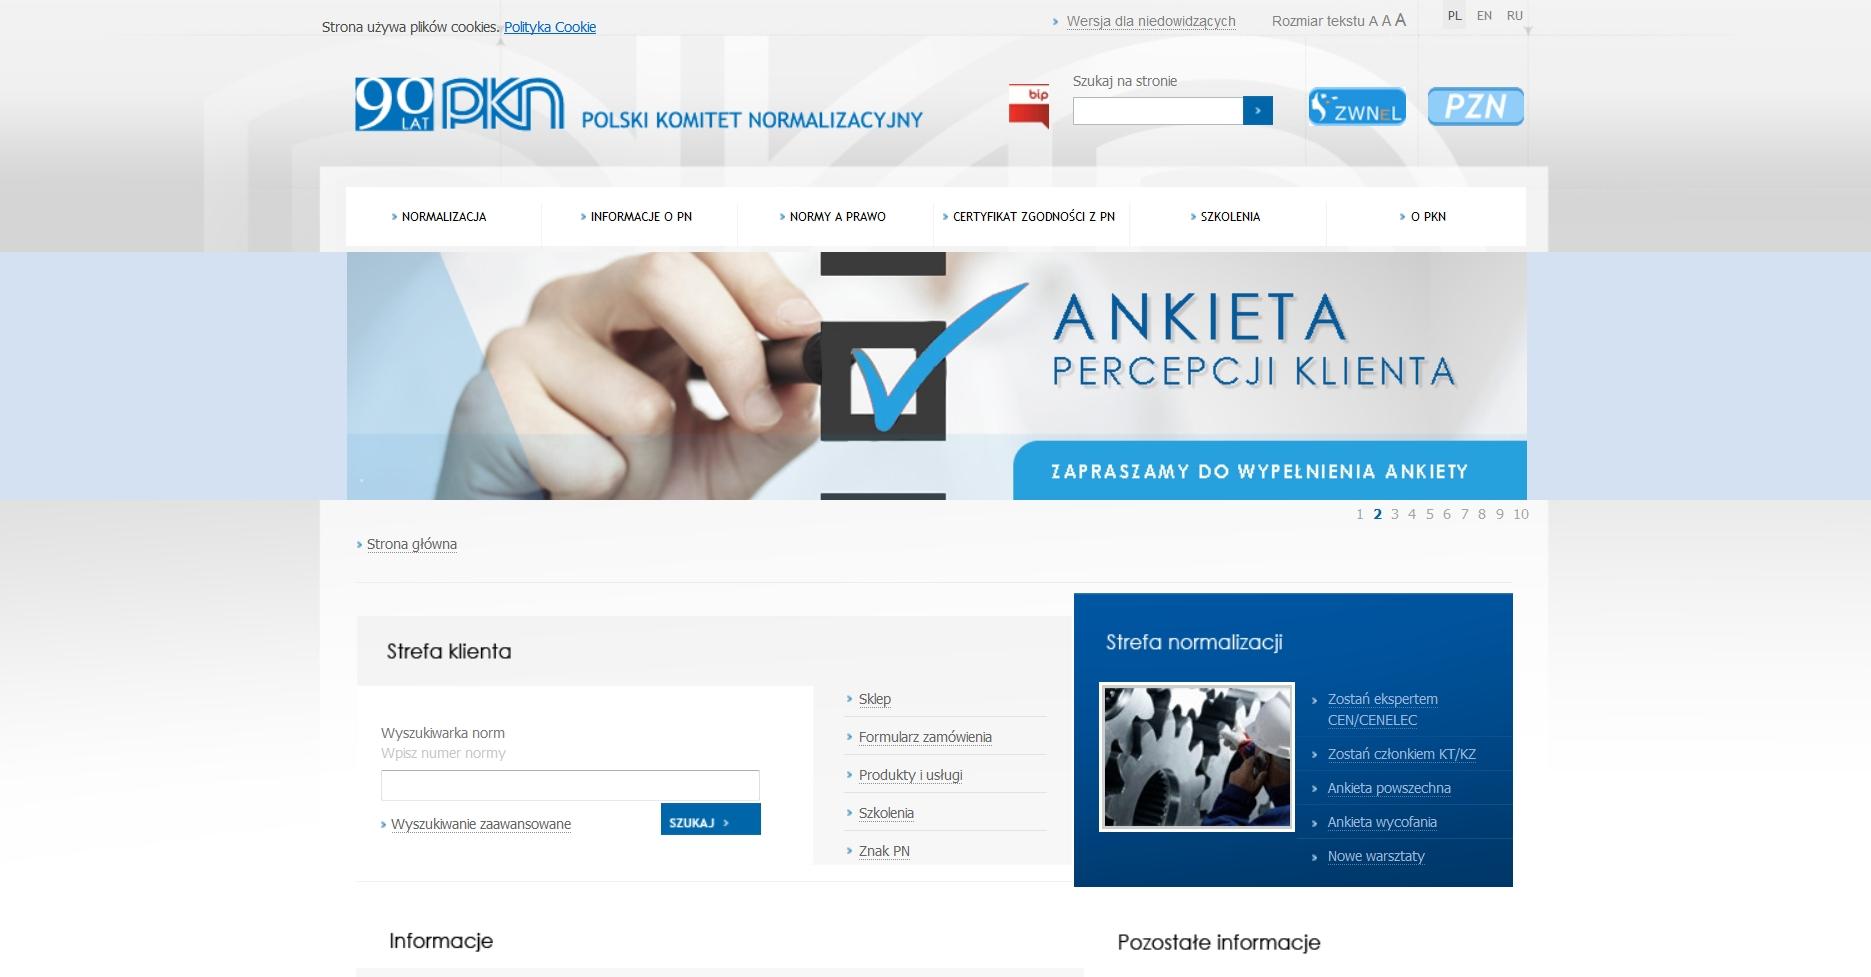 print screen strony www.pkn.pl z dnia 20140425 godzina 12:44 -normy zharmonizowane